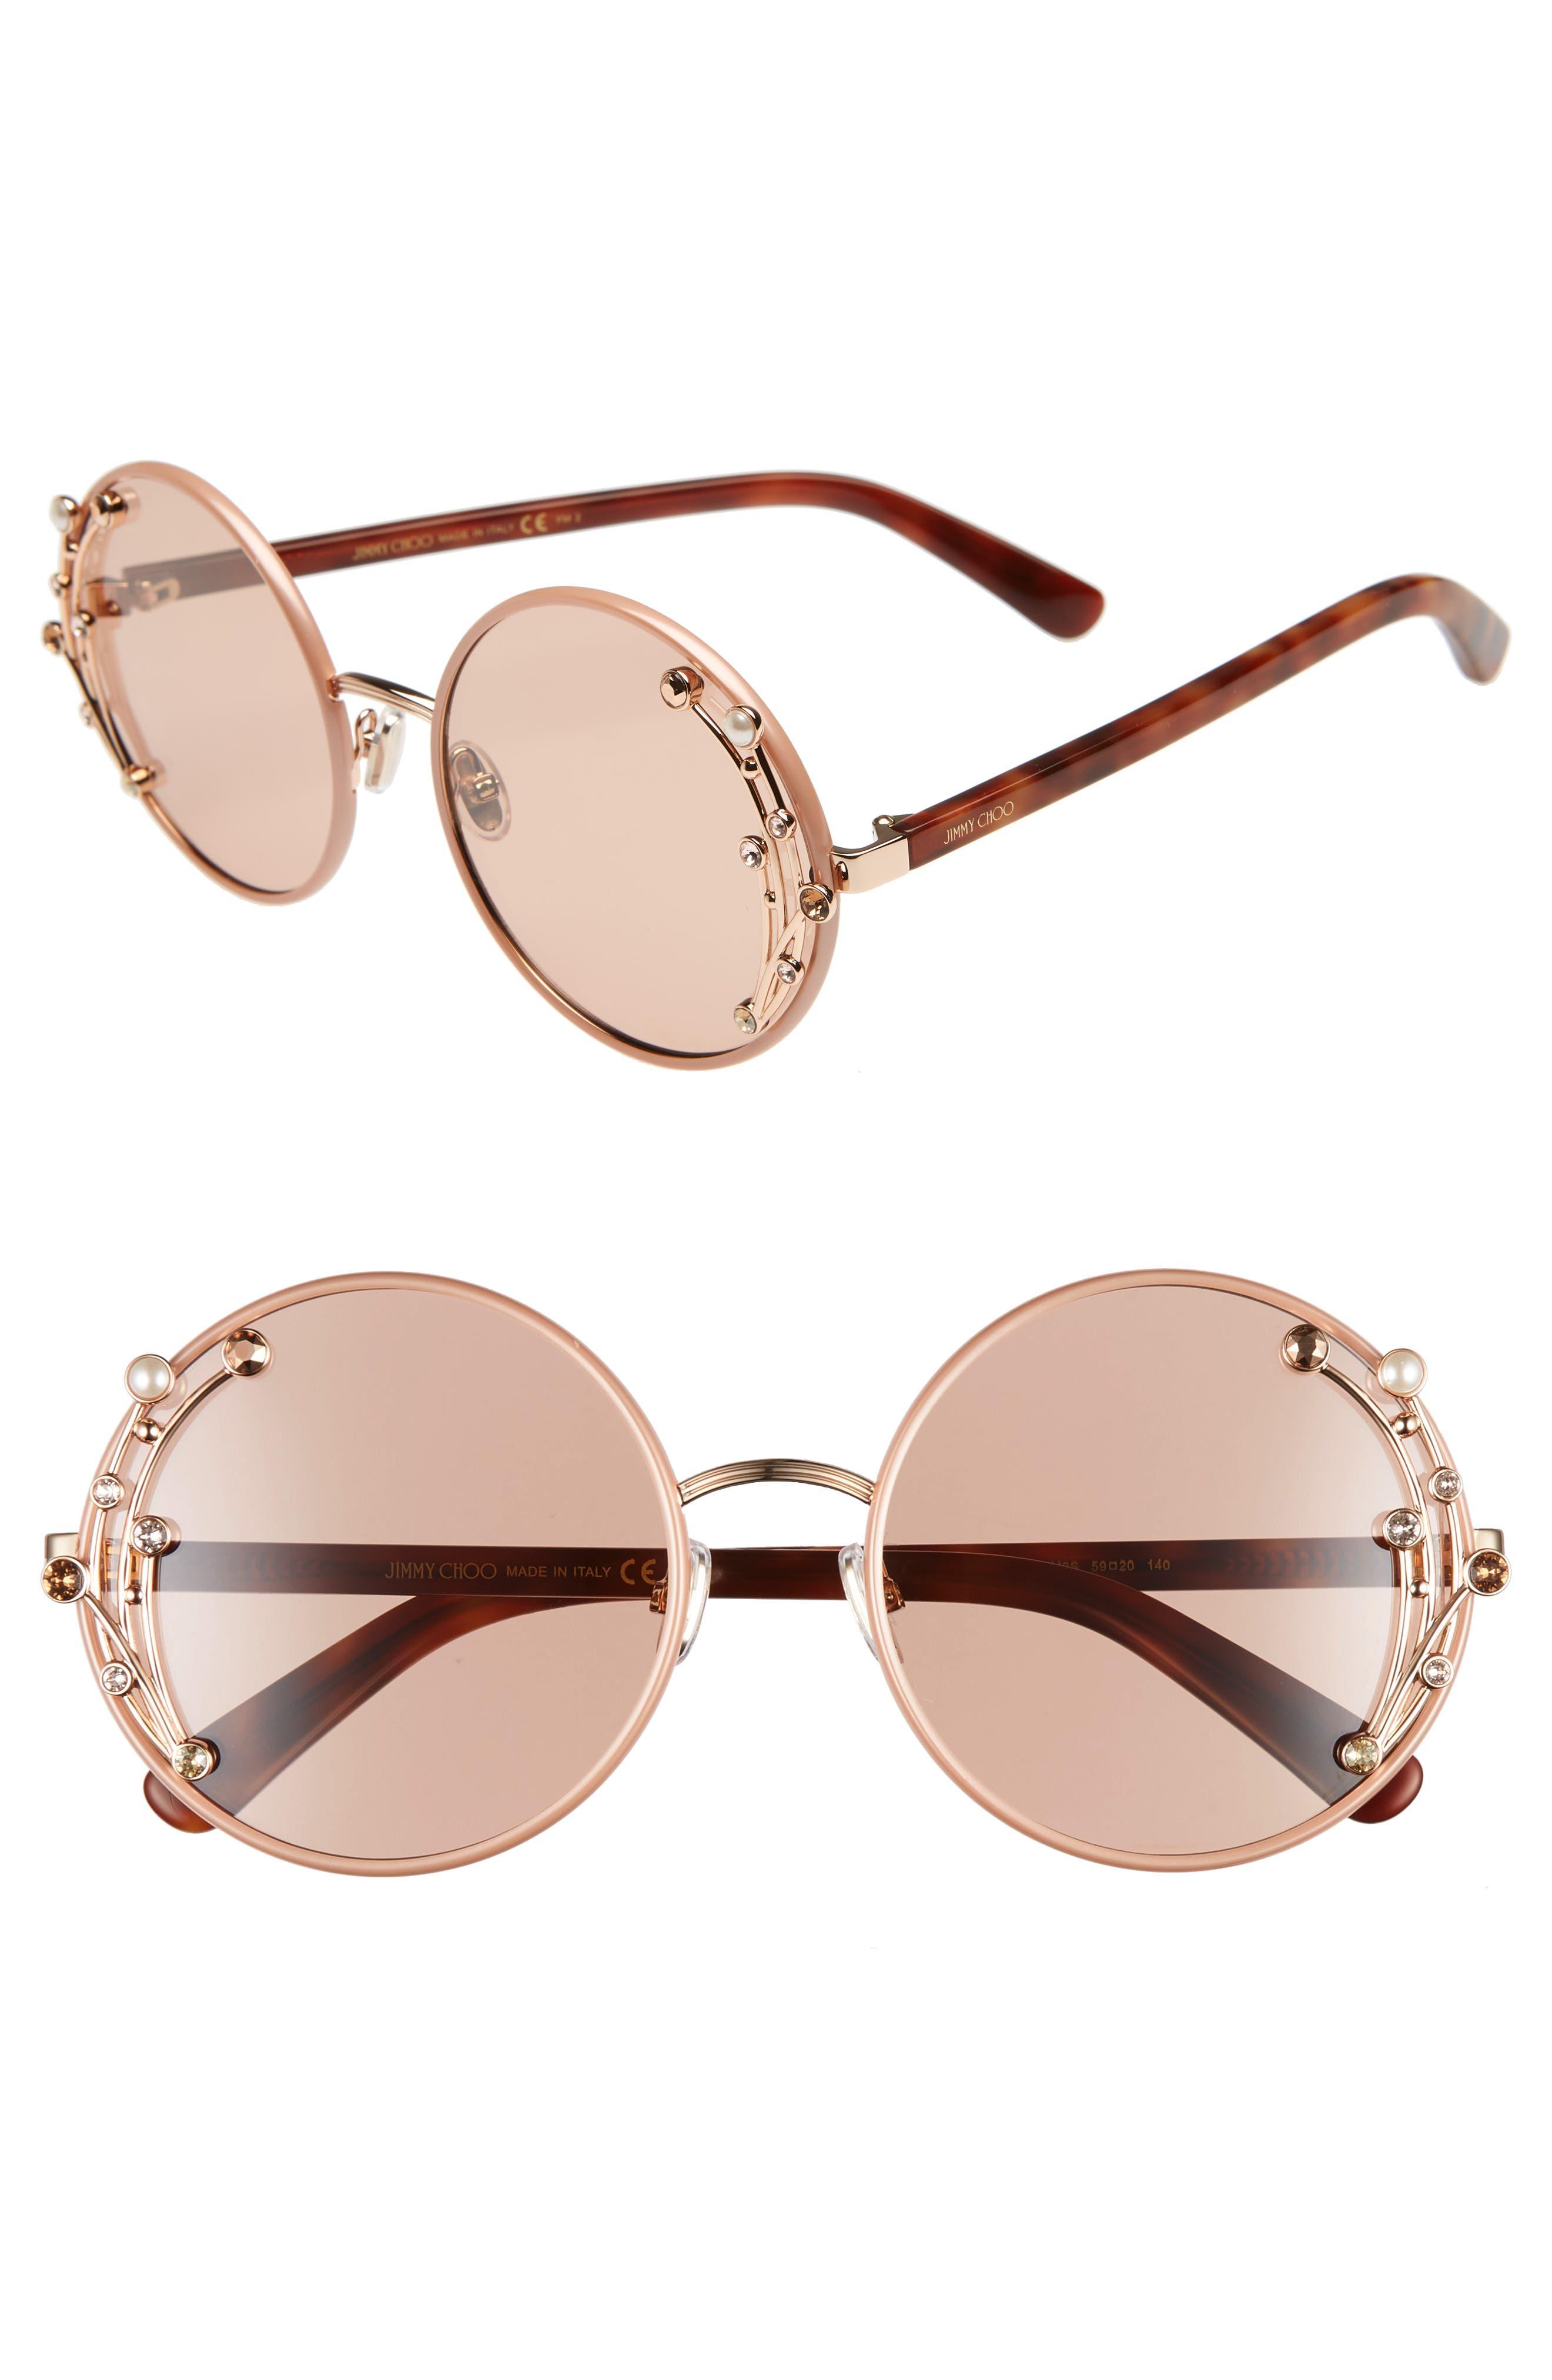 479068b756213 Jimmy Choo Sunglasses for Women